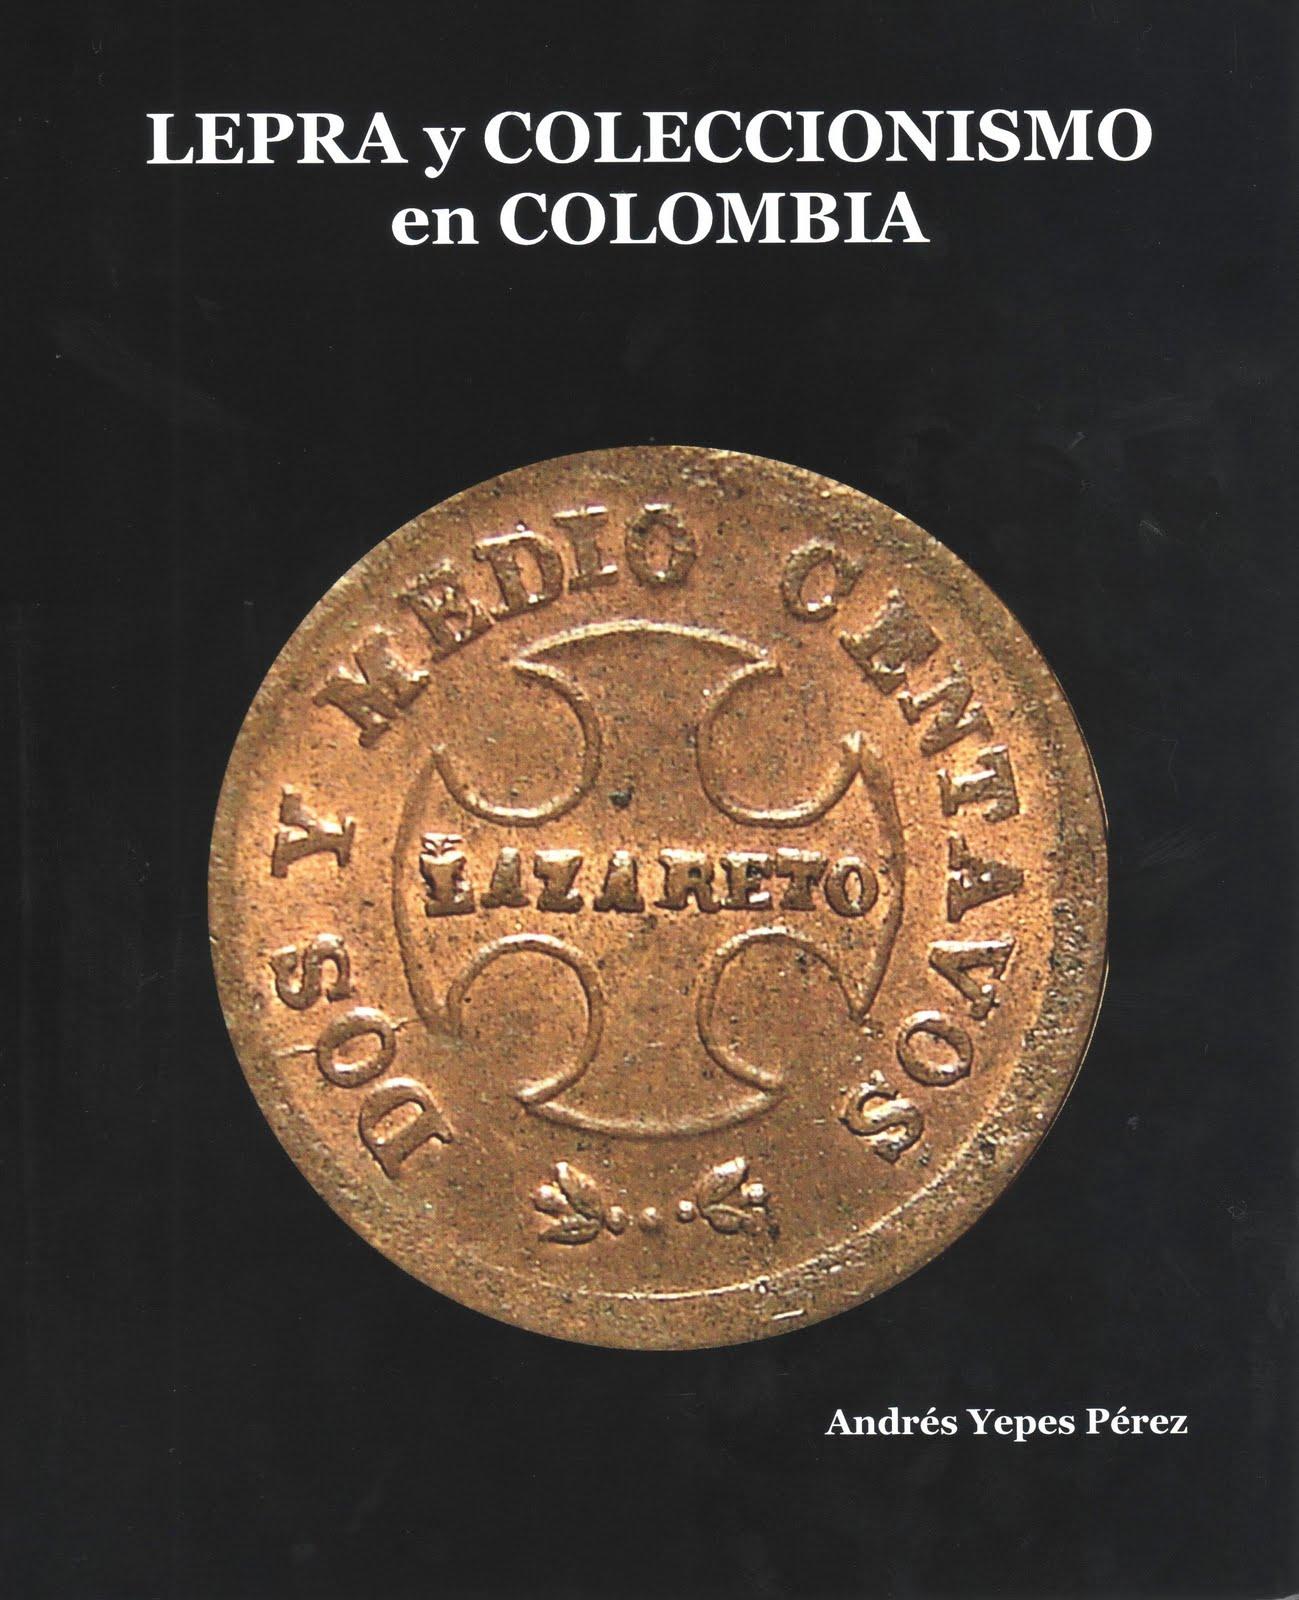 Lepra y coleccionismo en Colombia 2zgysy1